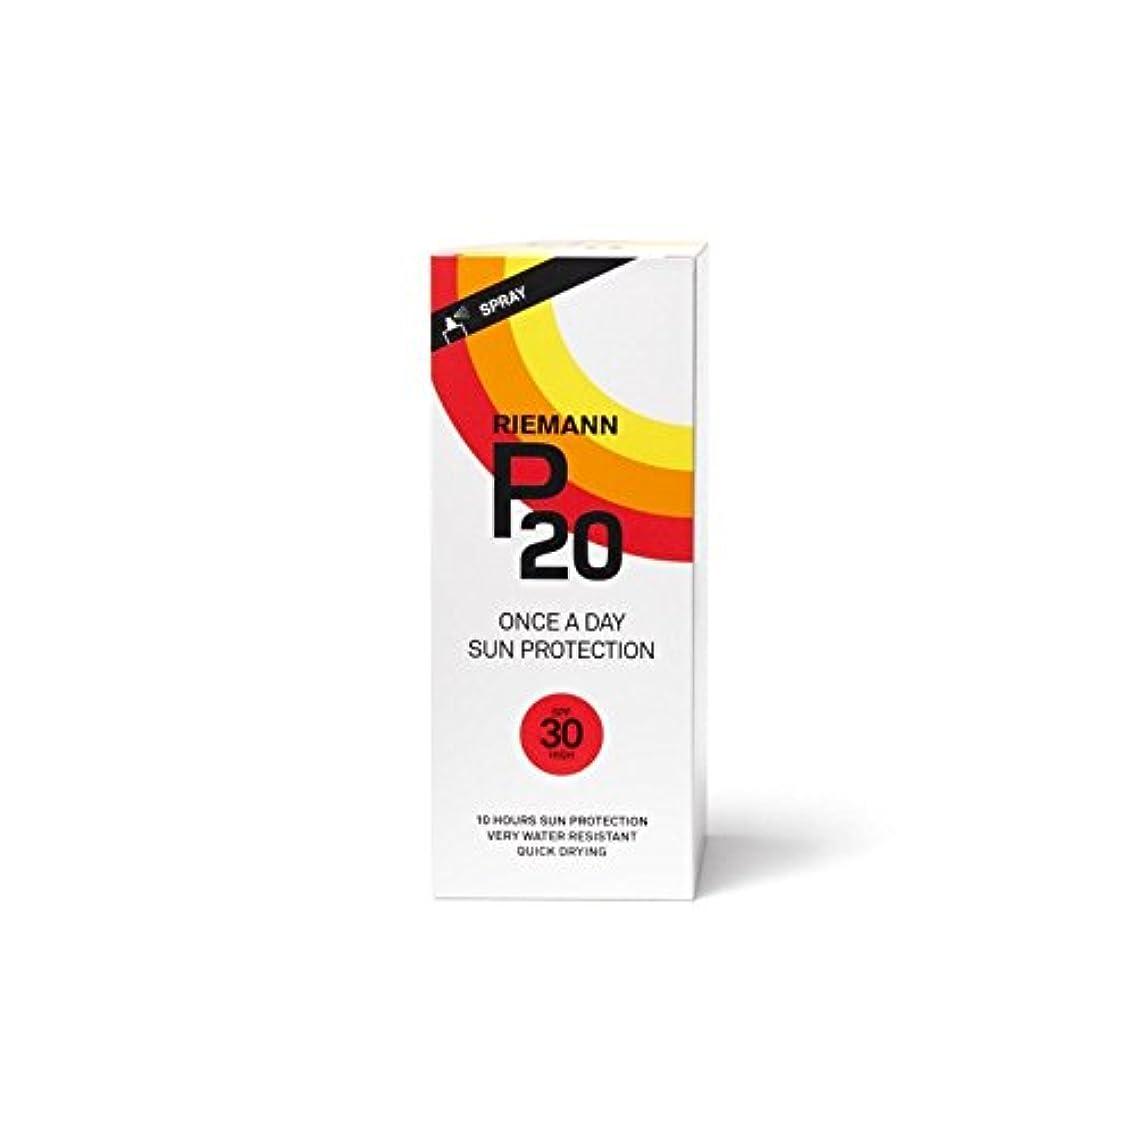 ビヨンモックちらつきRiemann P20 Sun Filter 200ml SPF30 - リーマン20のサンフィルター200ミリリットル30 [並行輸入品]